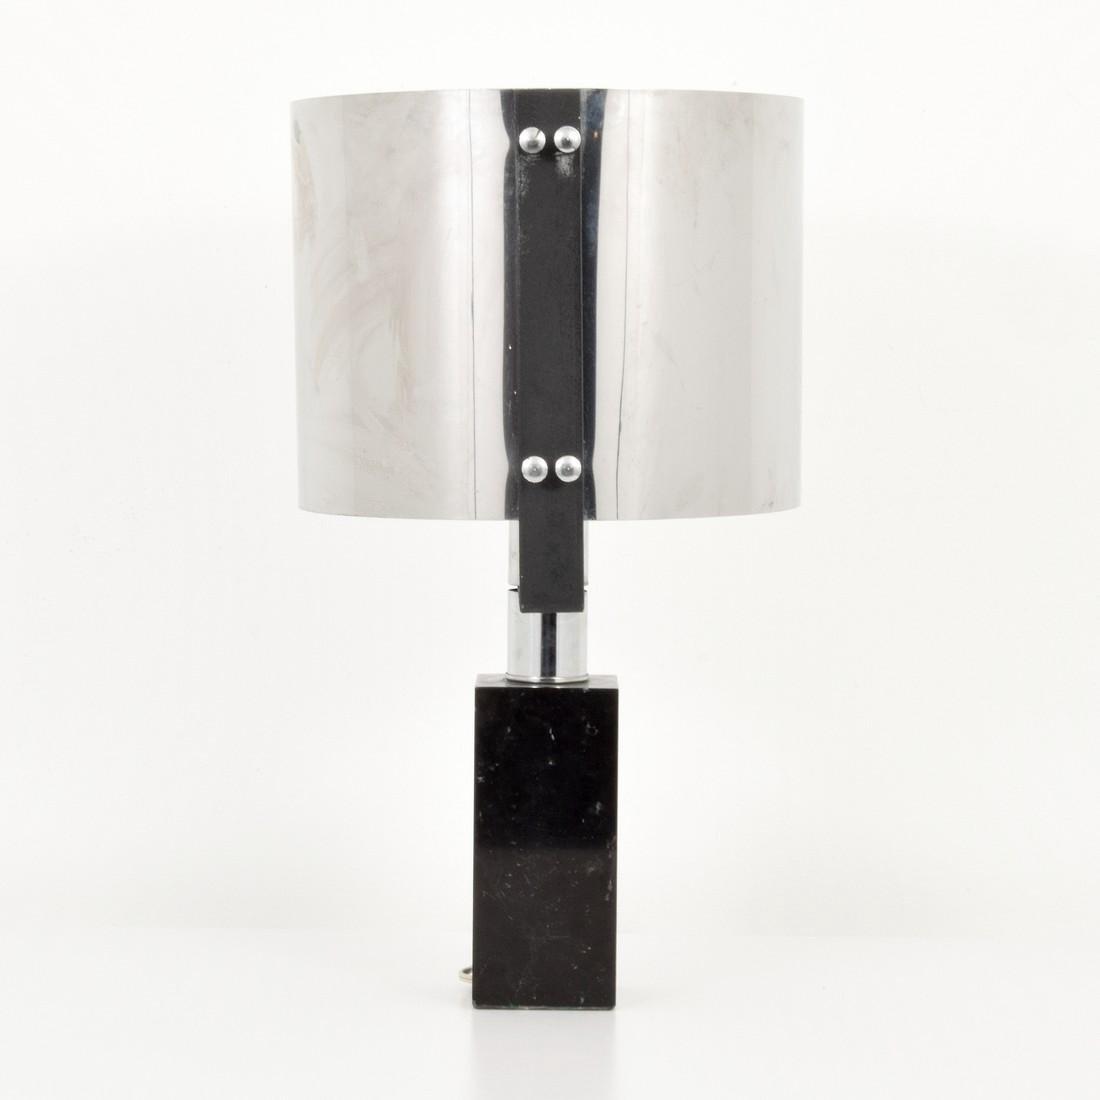 Chrome Table Lamp, Manner of Cini Boeri - 8